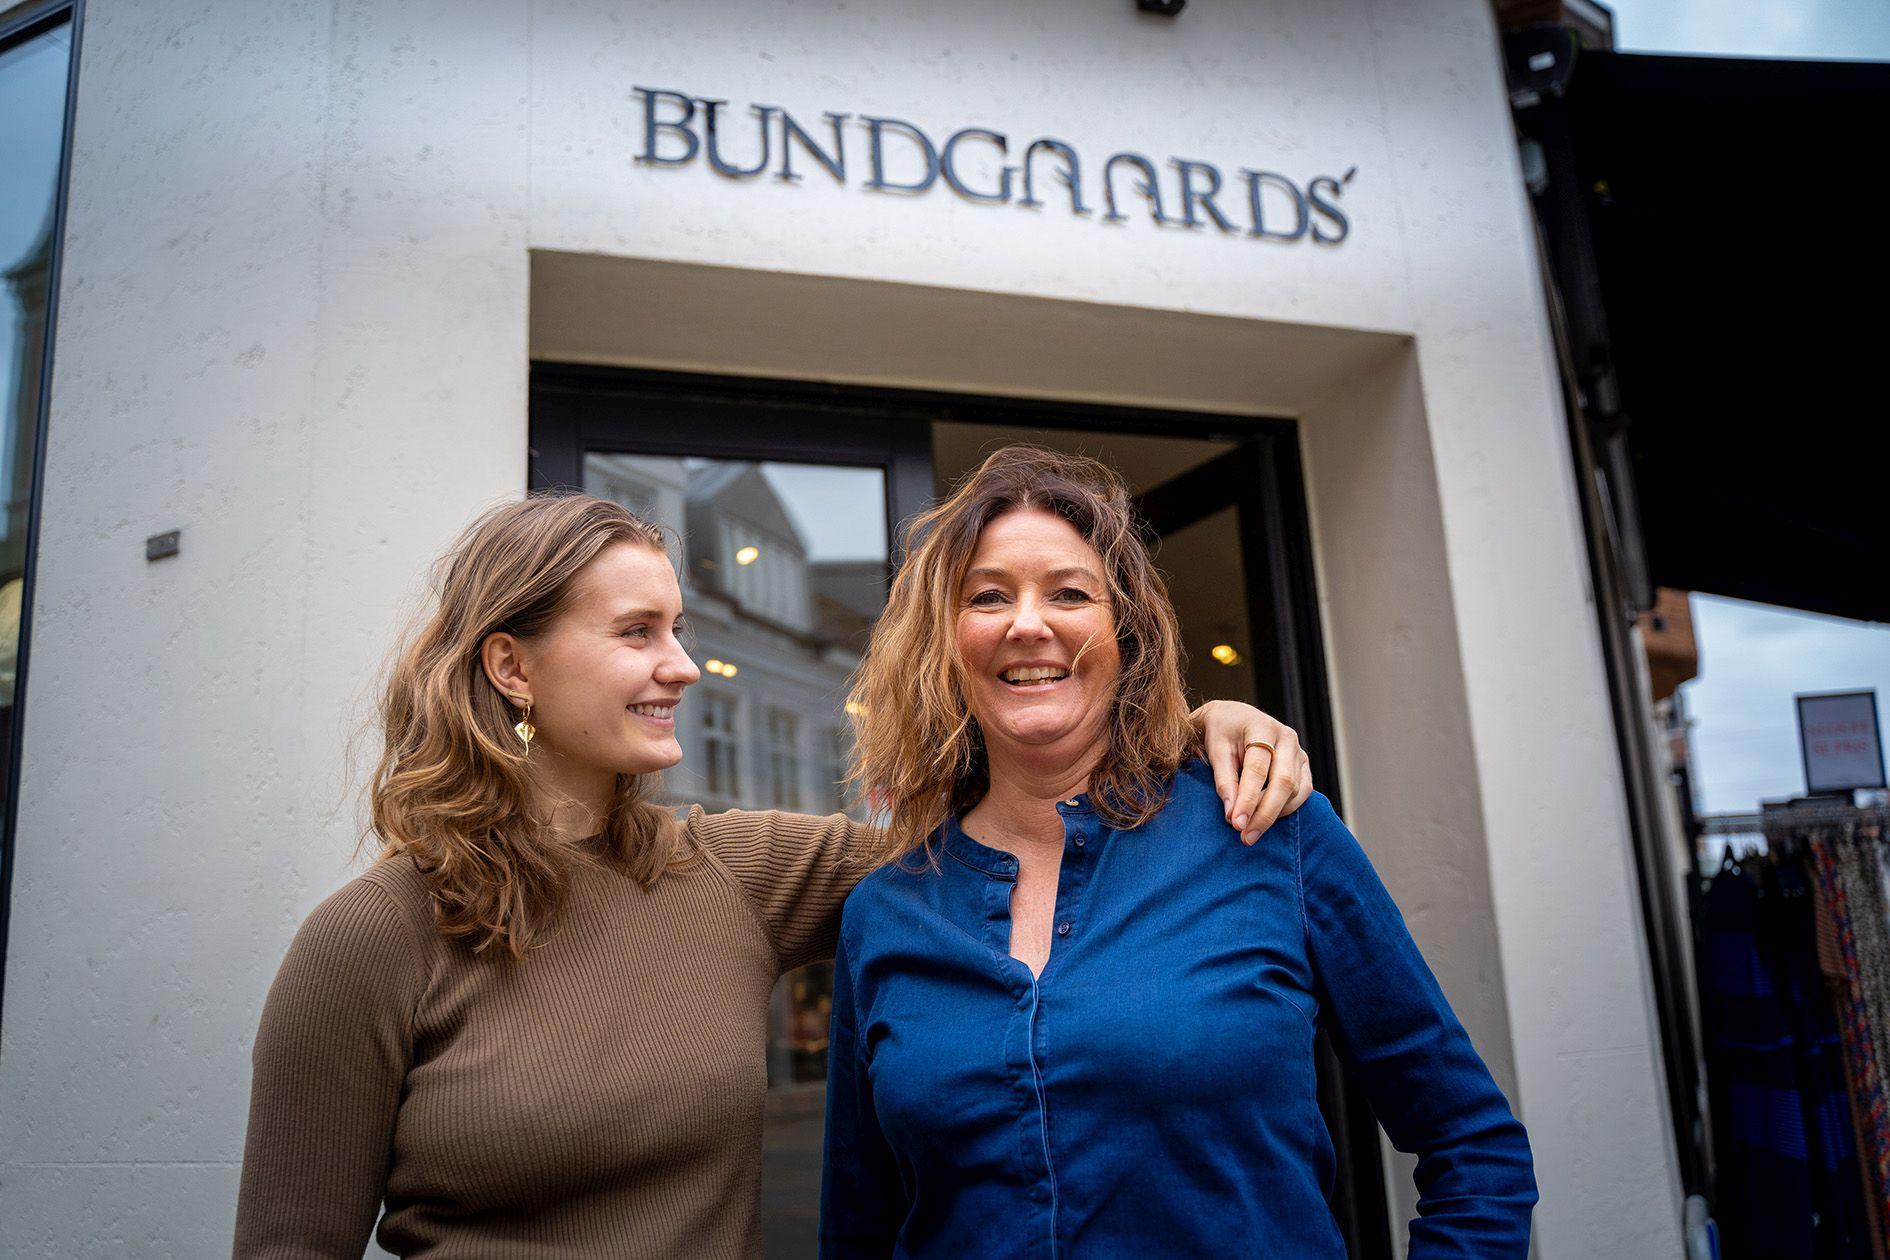 BEDSTE KVINDESHOPPING BUNDGAARDS'